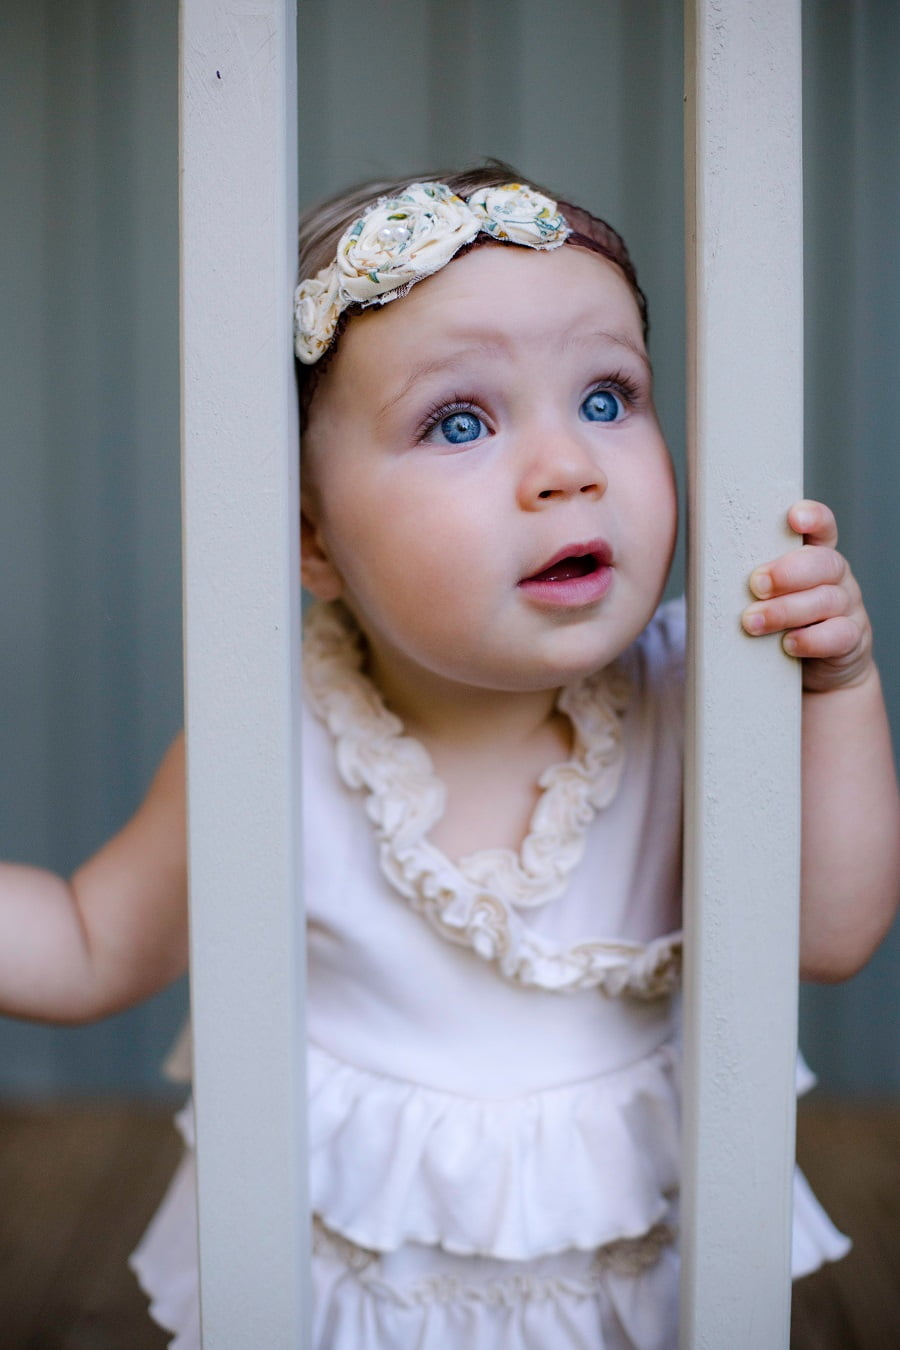 Nu poti iubi prea mult! Afectiunea pe care i-o arati copilului il ajuta sa se dezvolte armonios   Demamici.ro